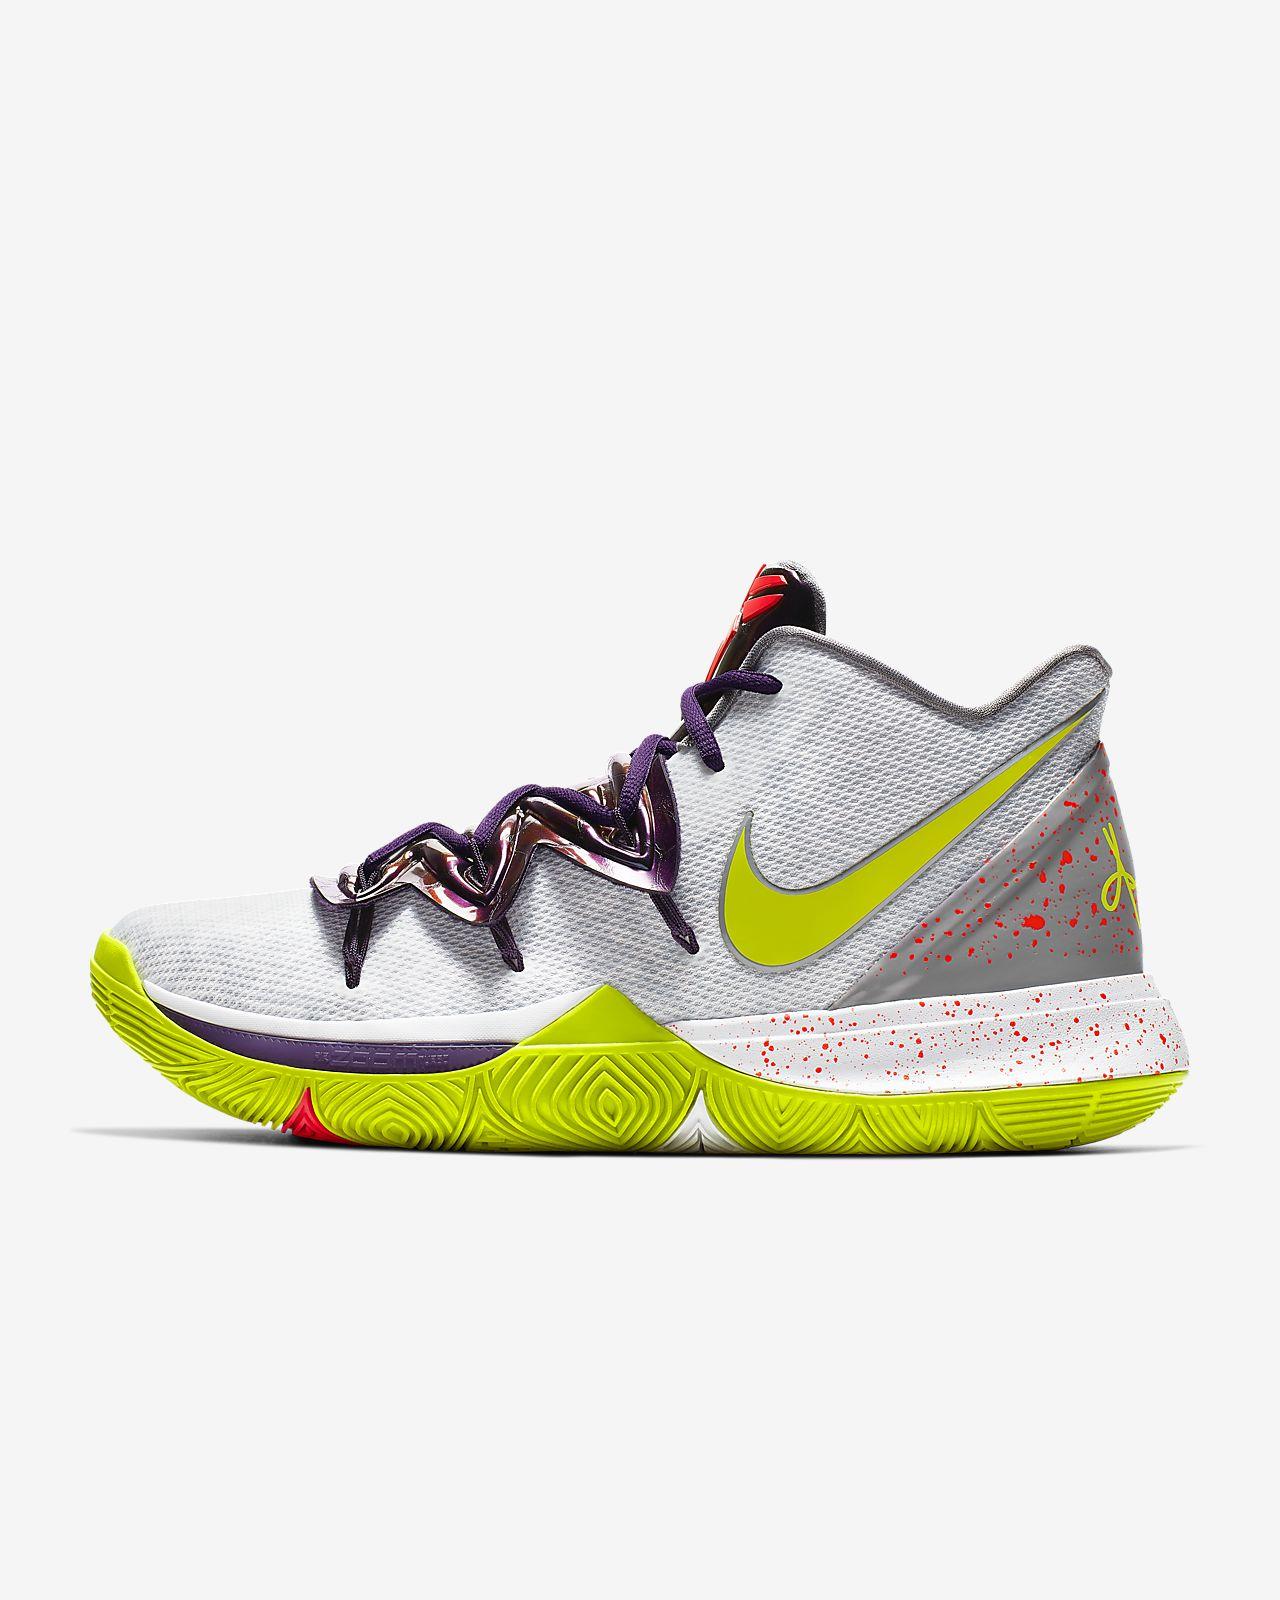 7f06b155996 Kyrie 5 Shoe. Nike.com IE